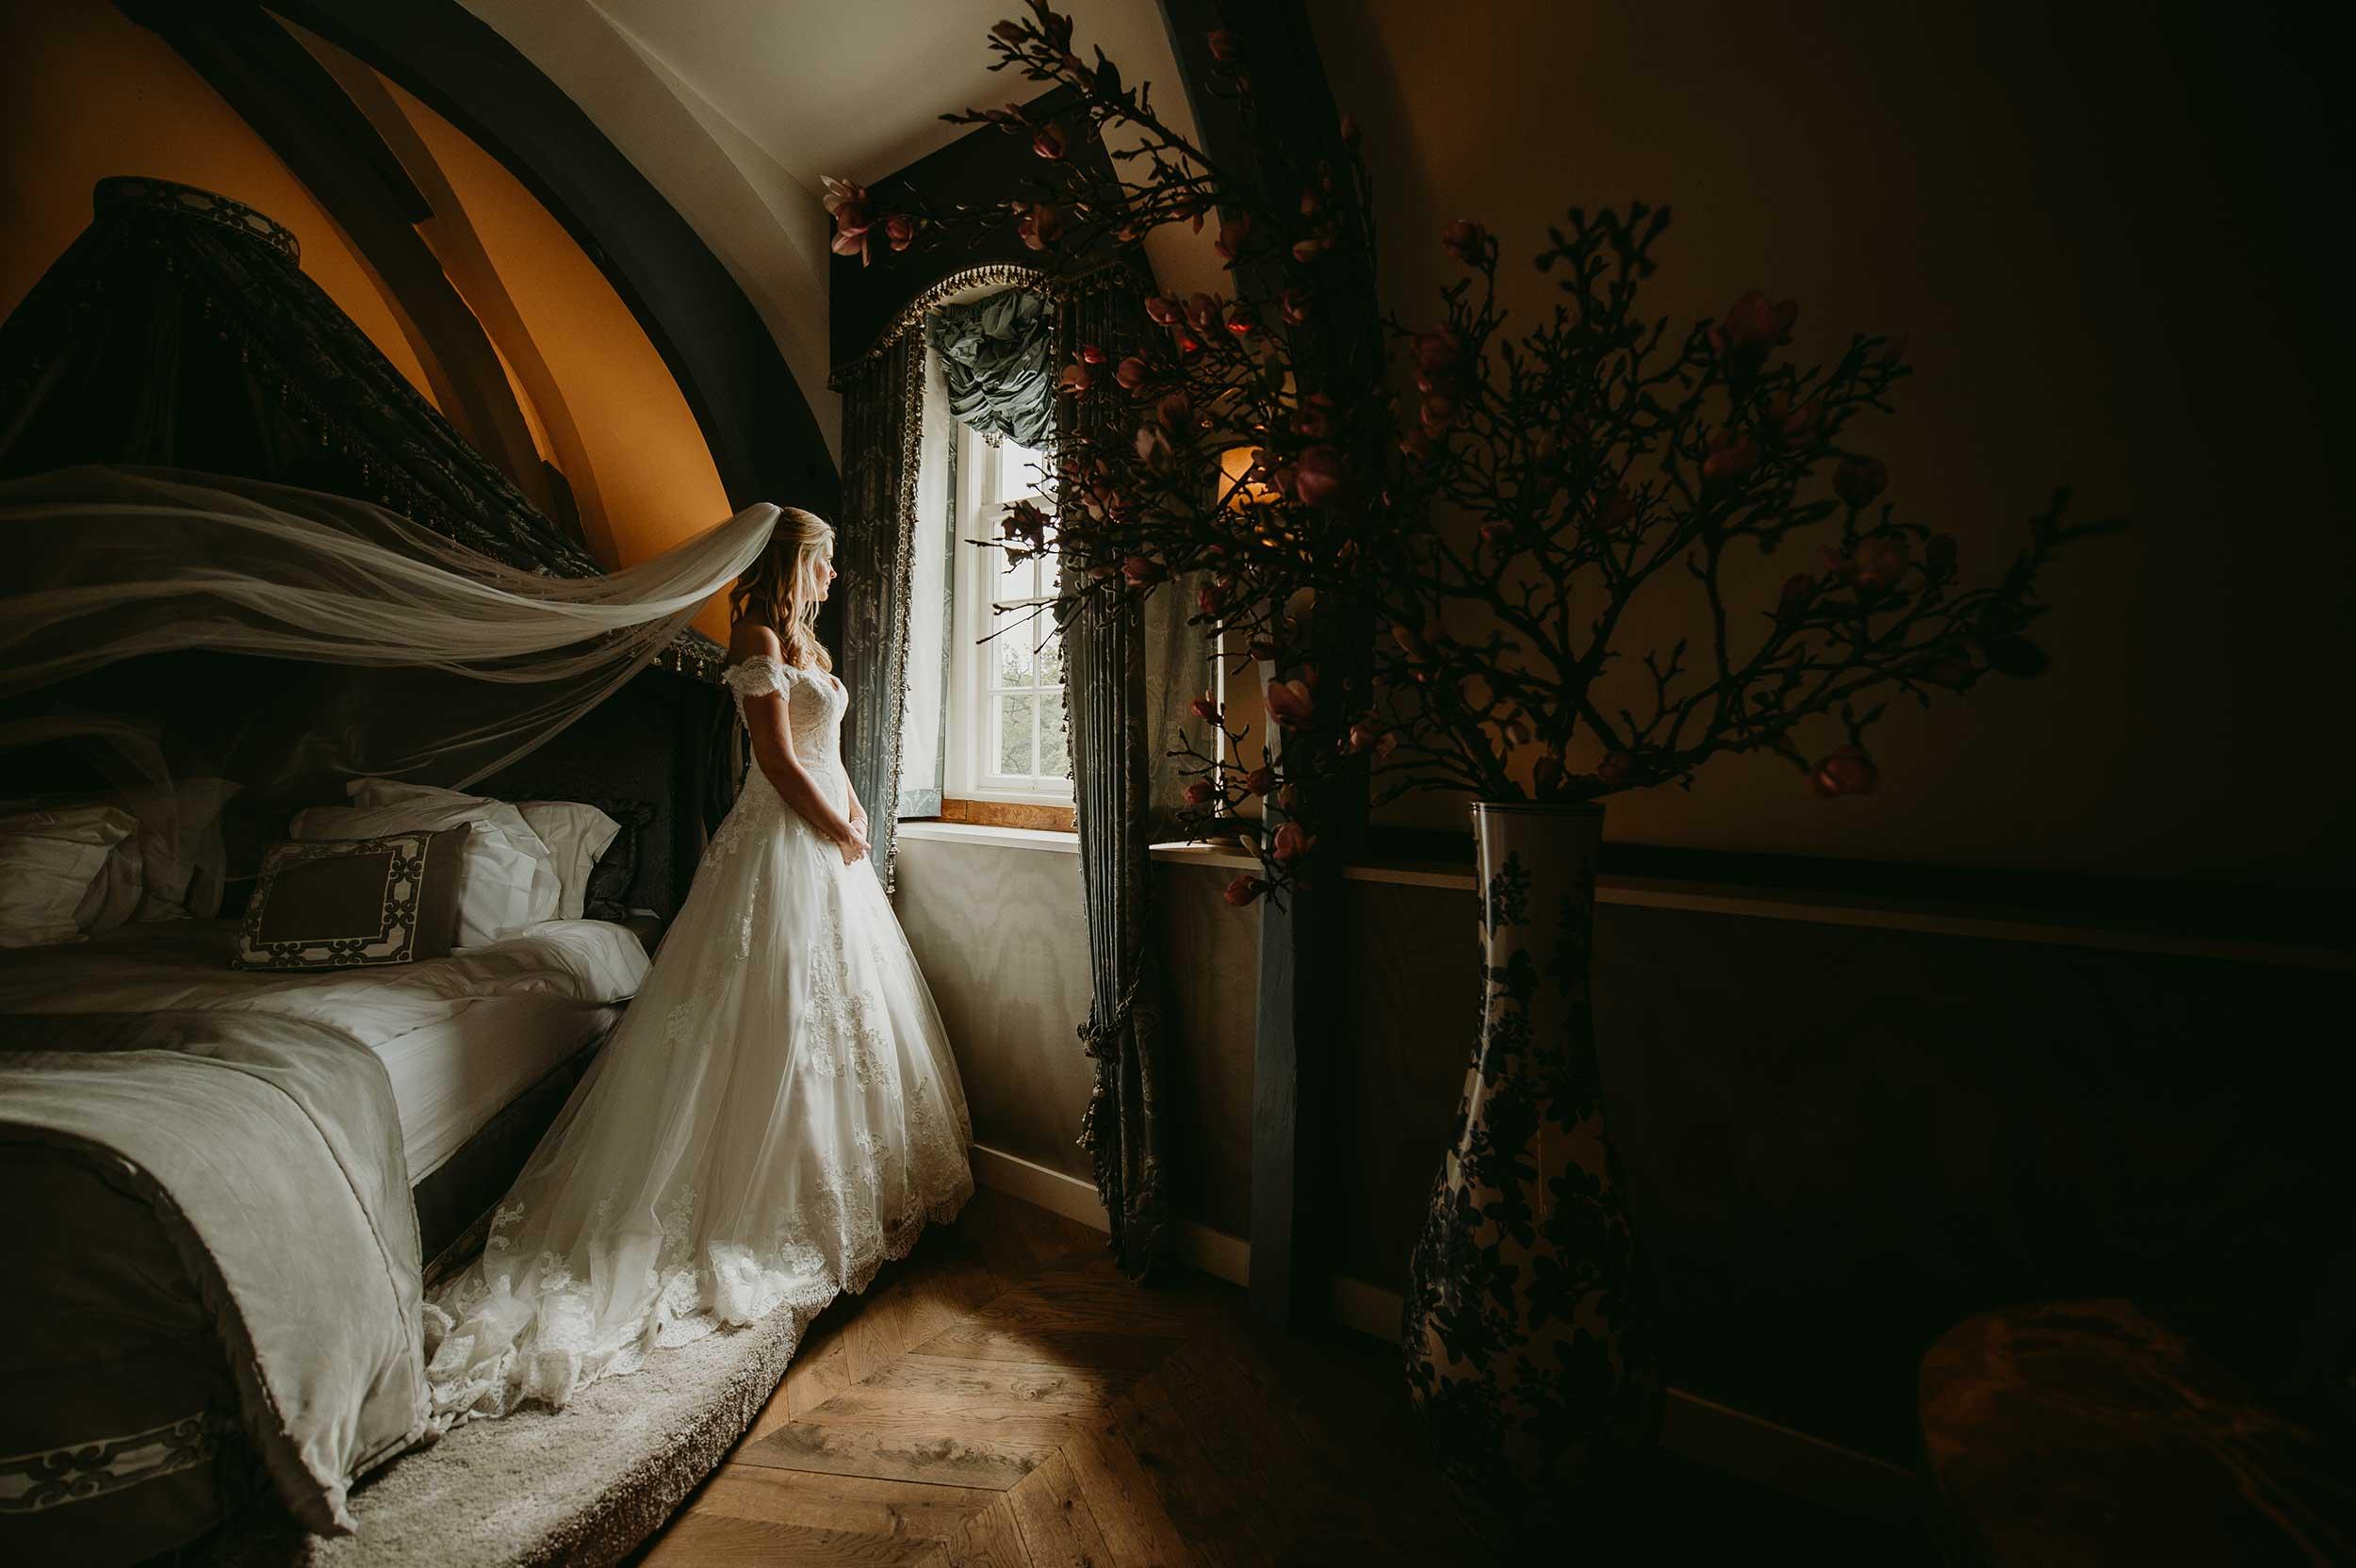 Bruid met sluier staart uit raam